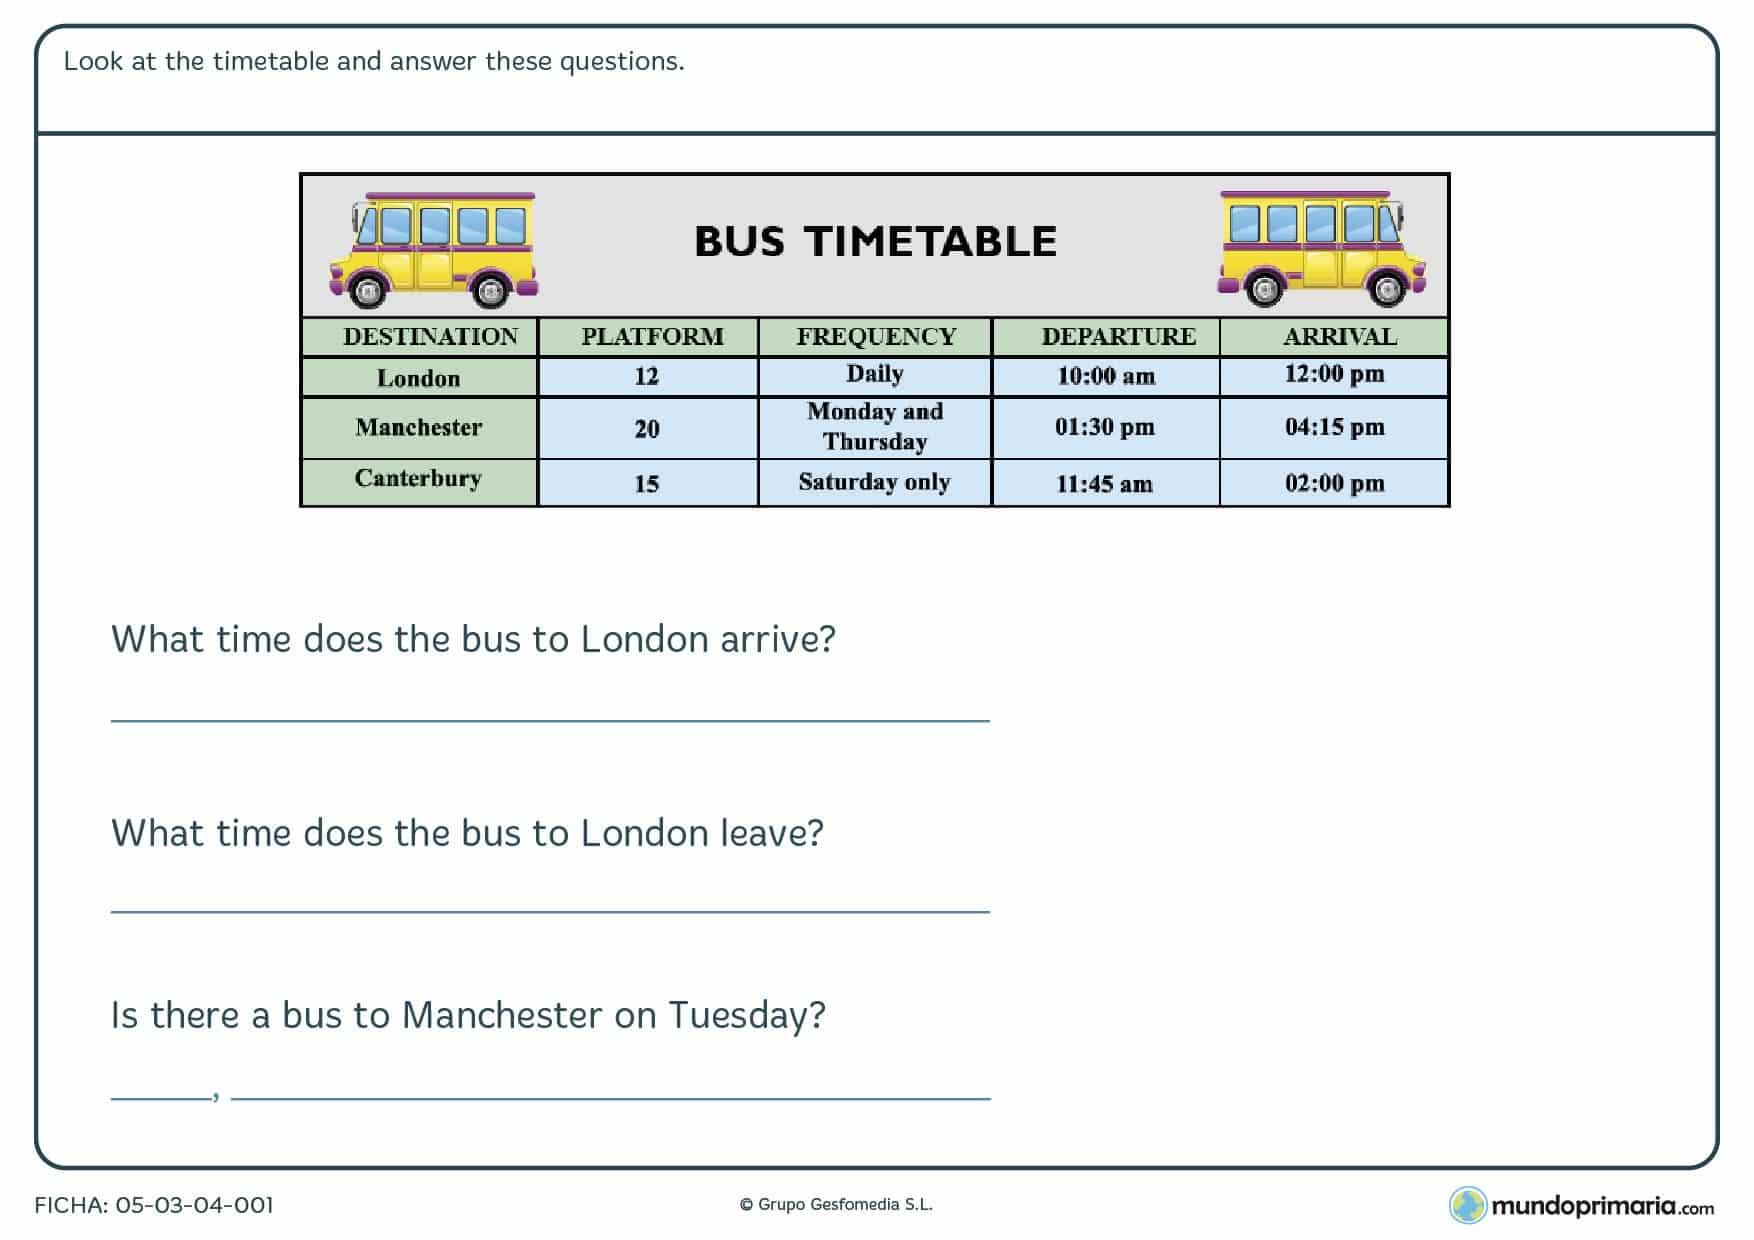 Ficha de timetable para aprender a leer un horario de autobús en inglés